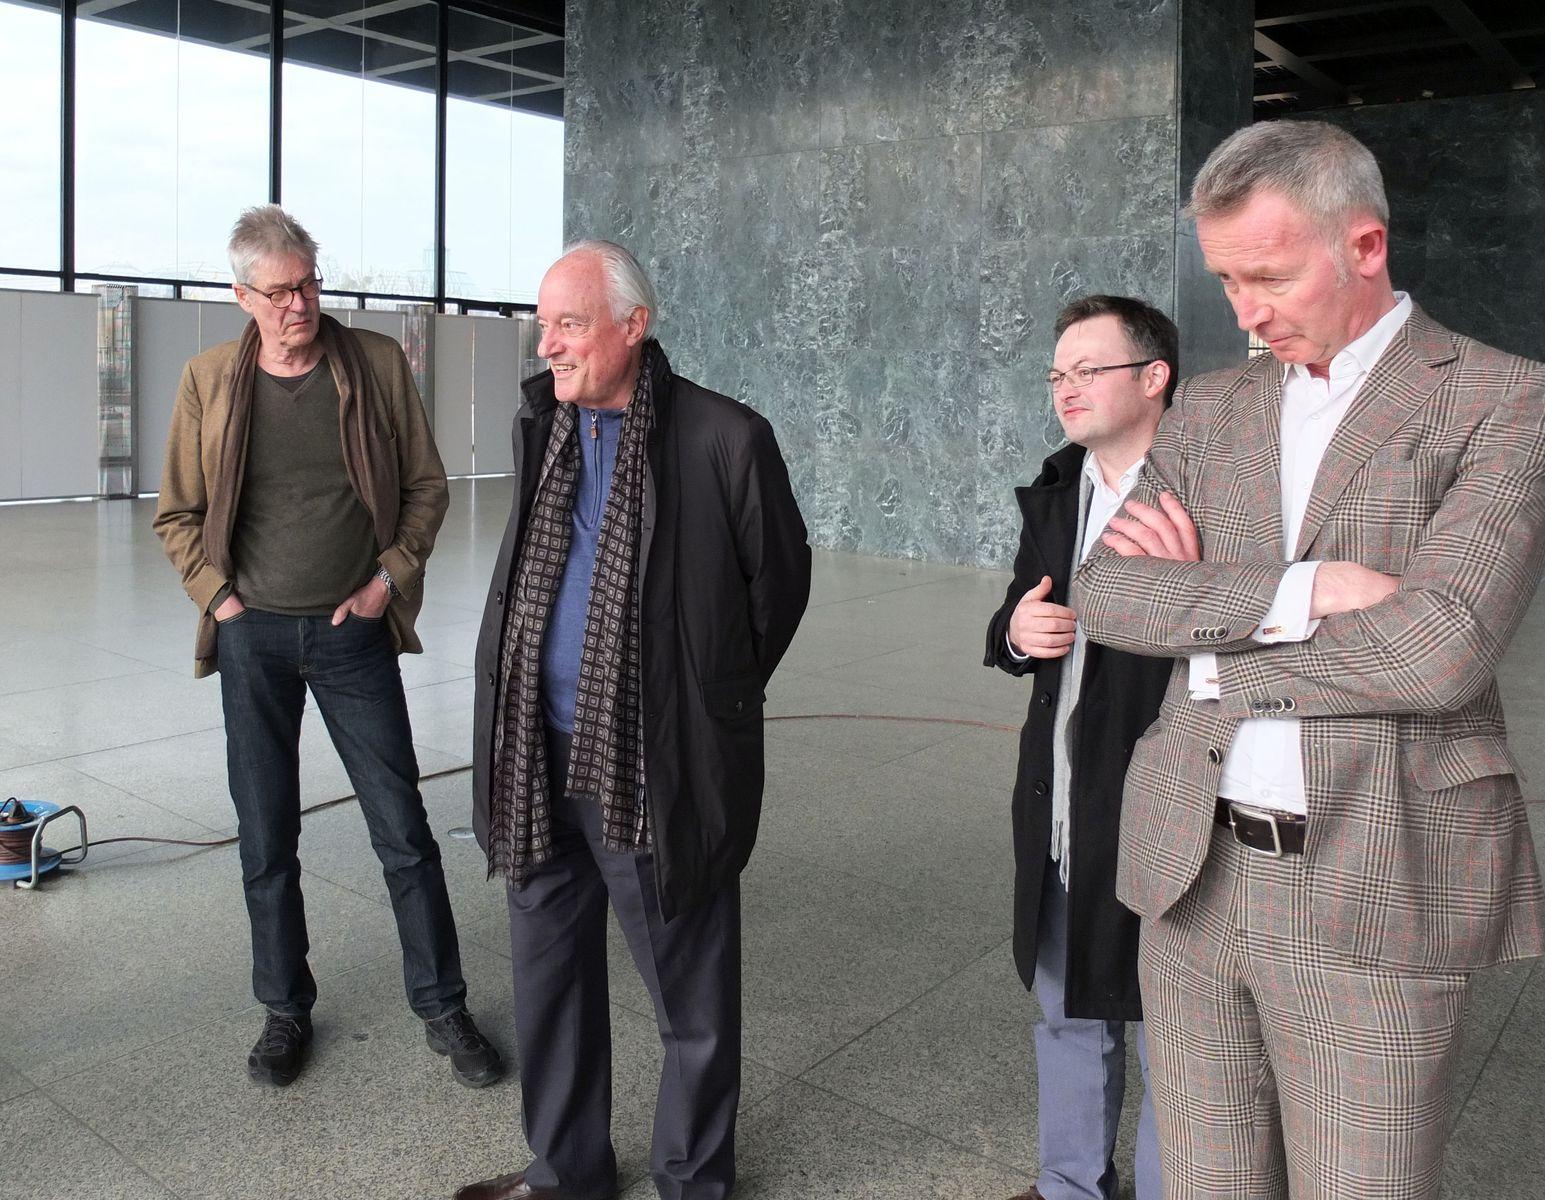 Bemusterungstermin der Fassung auf Metall in der Neuen Nationalgalerie (vlnr Fritz Neumeyer, Dirk Lohan, Daniel Wendler, Martin Reichert). Foto: Schmedding.vonMarlin